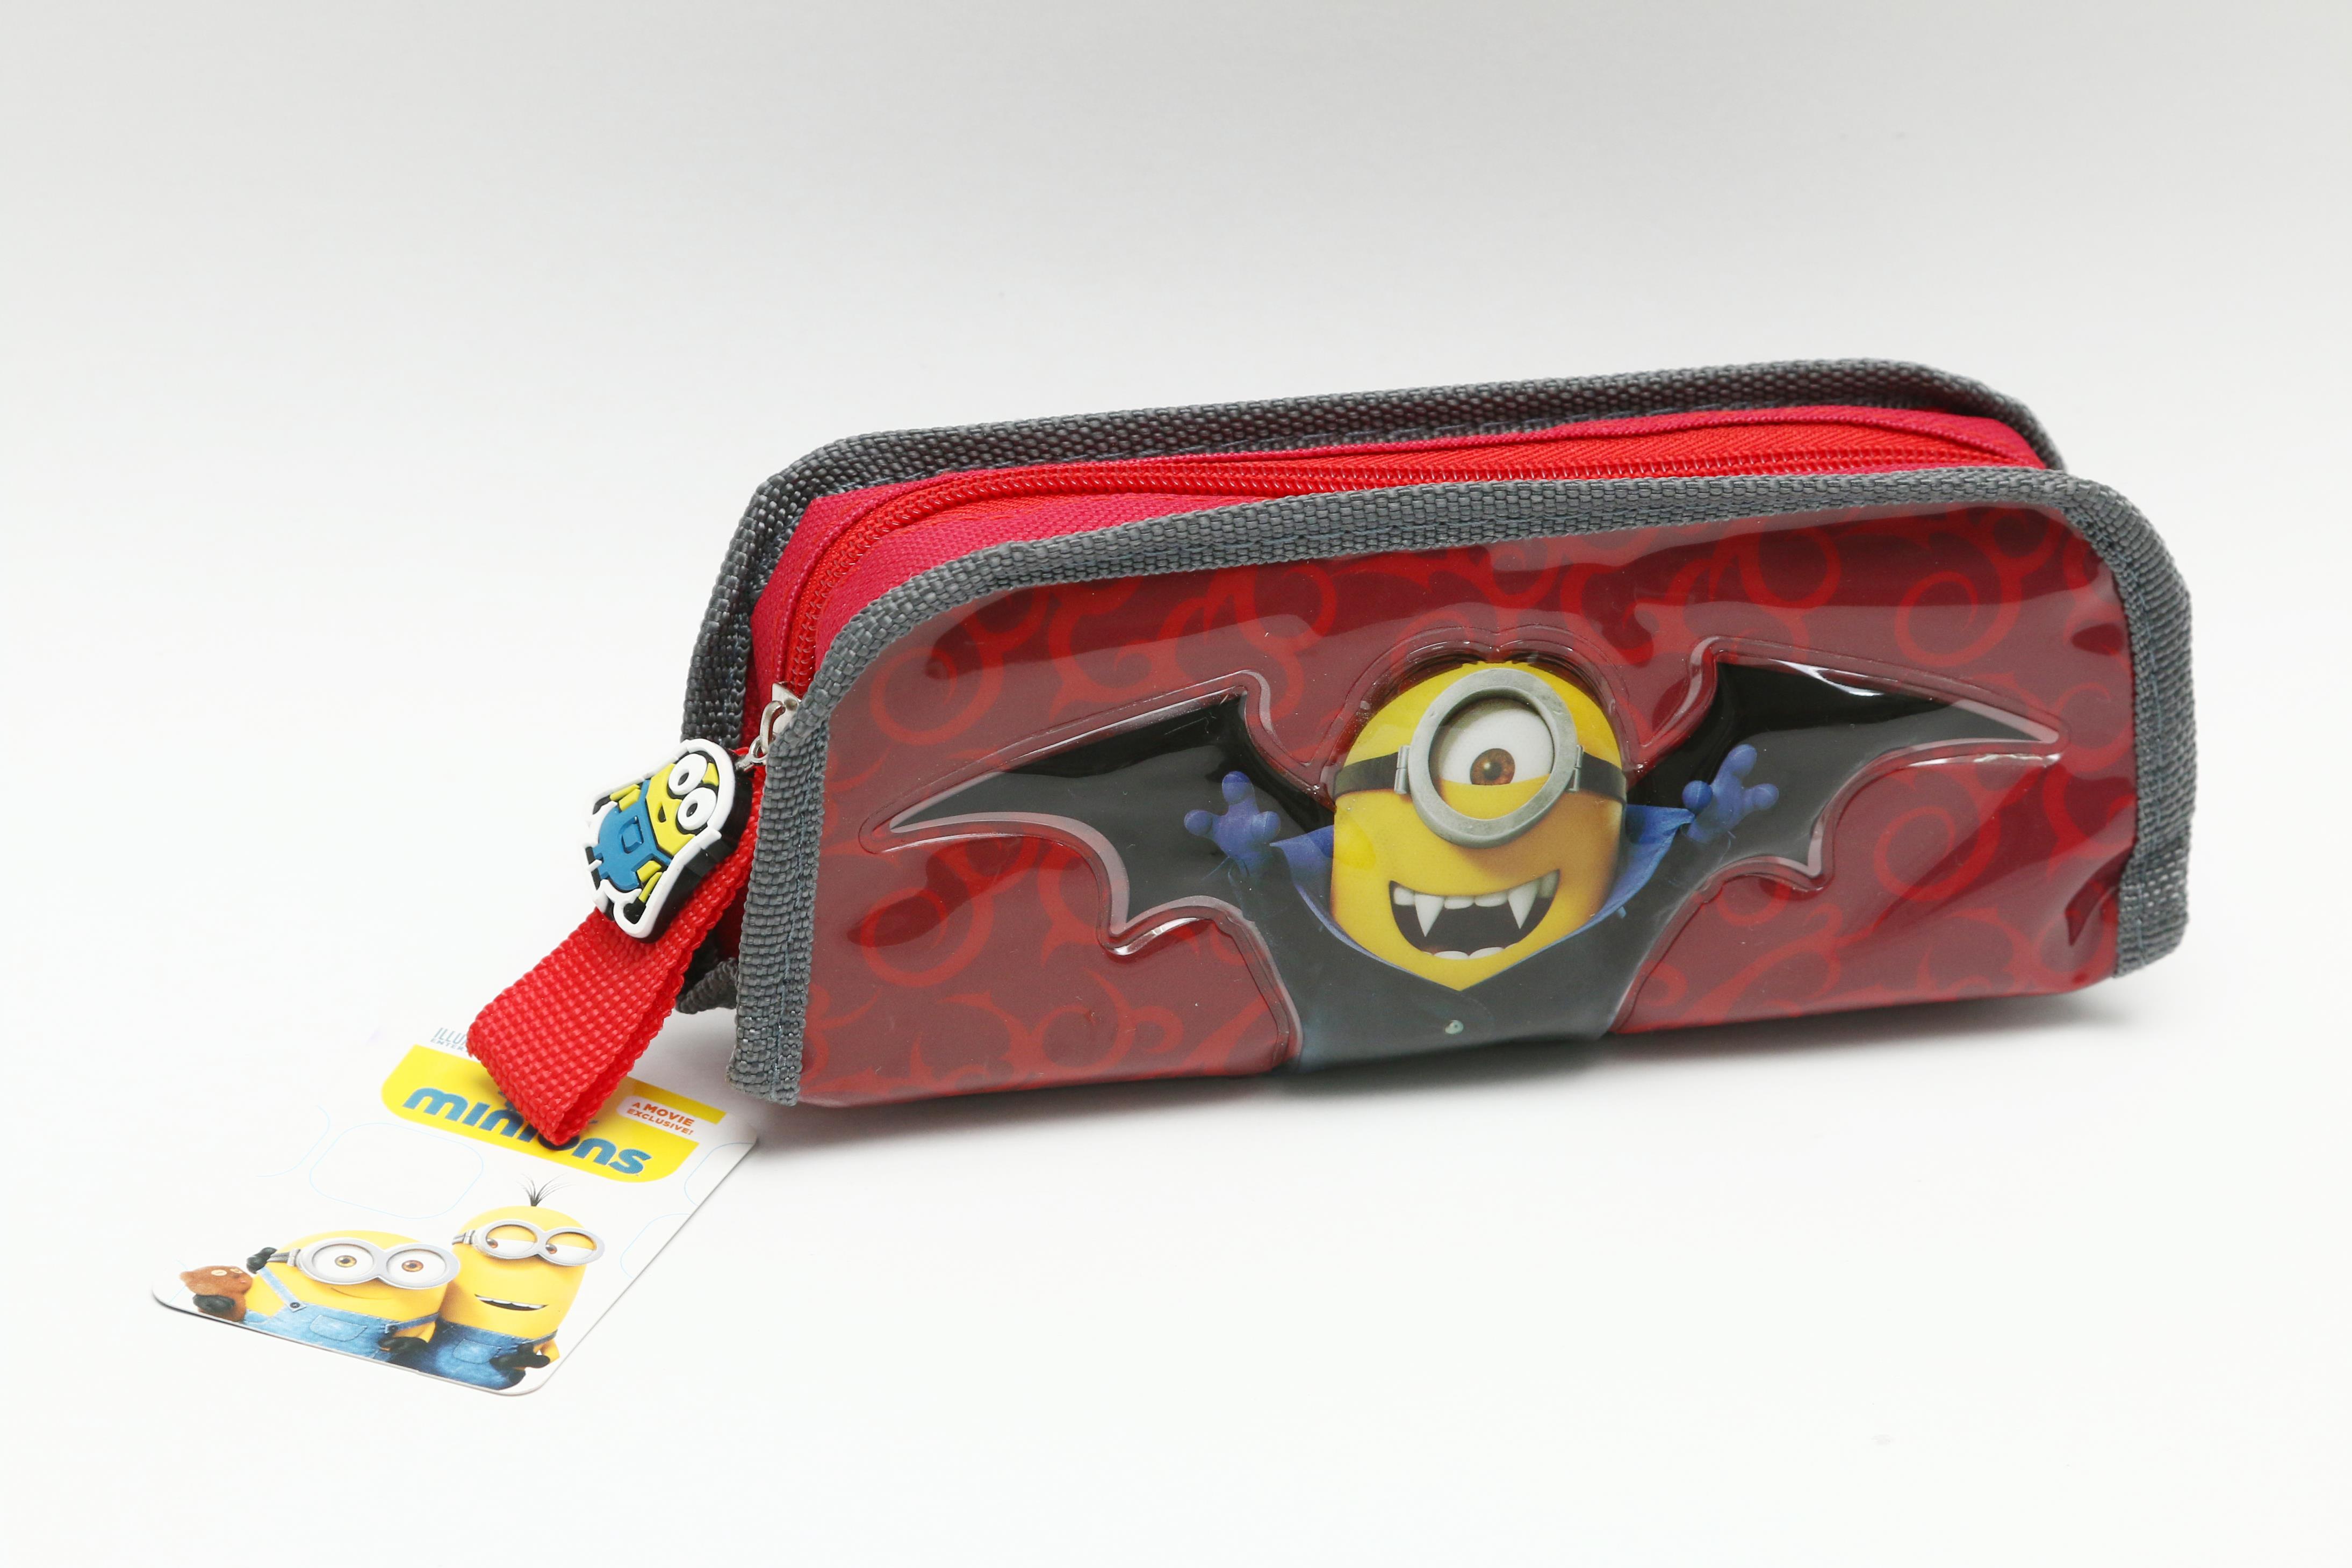 Minion pencil case with PVC hot press